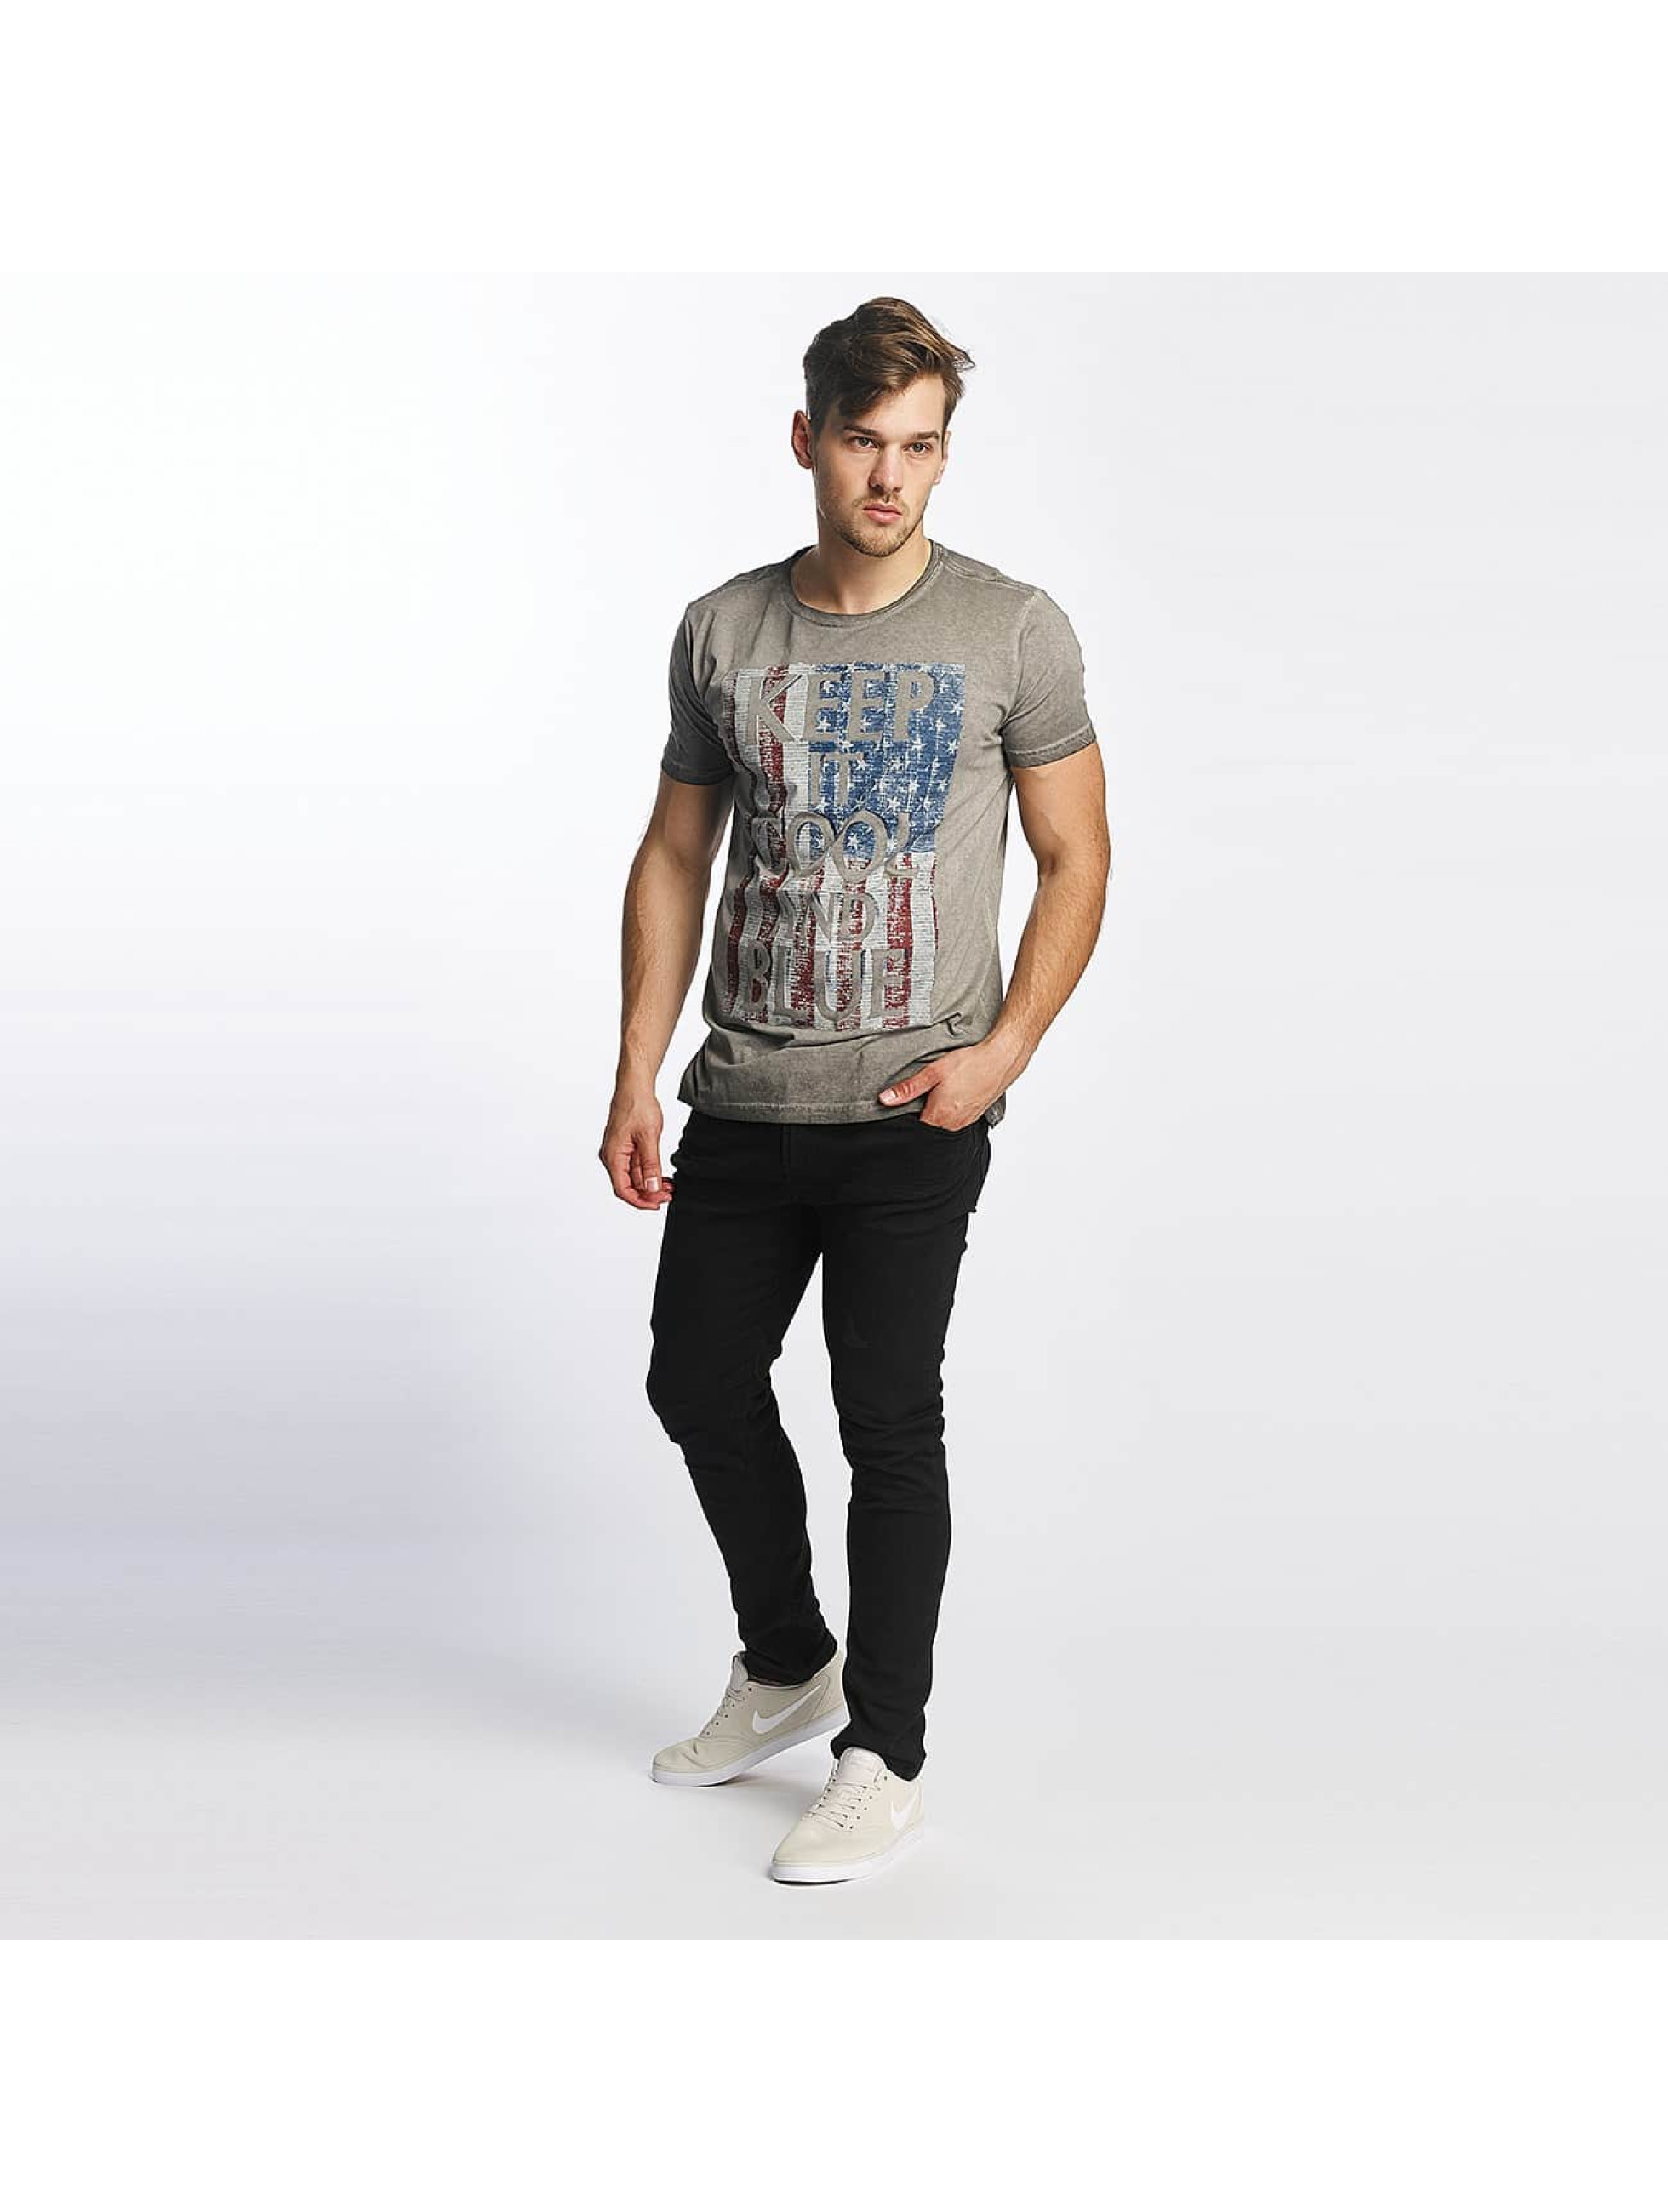 SHINE Original Camiseta Oil Washed Printed gris